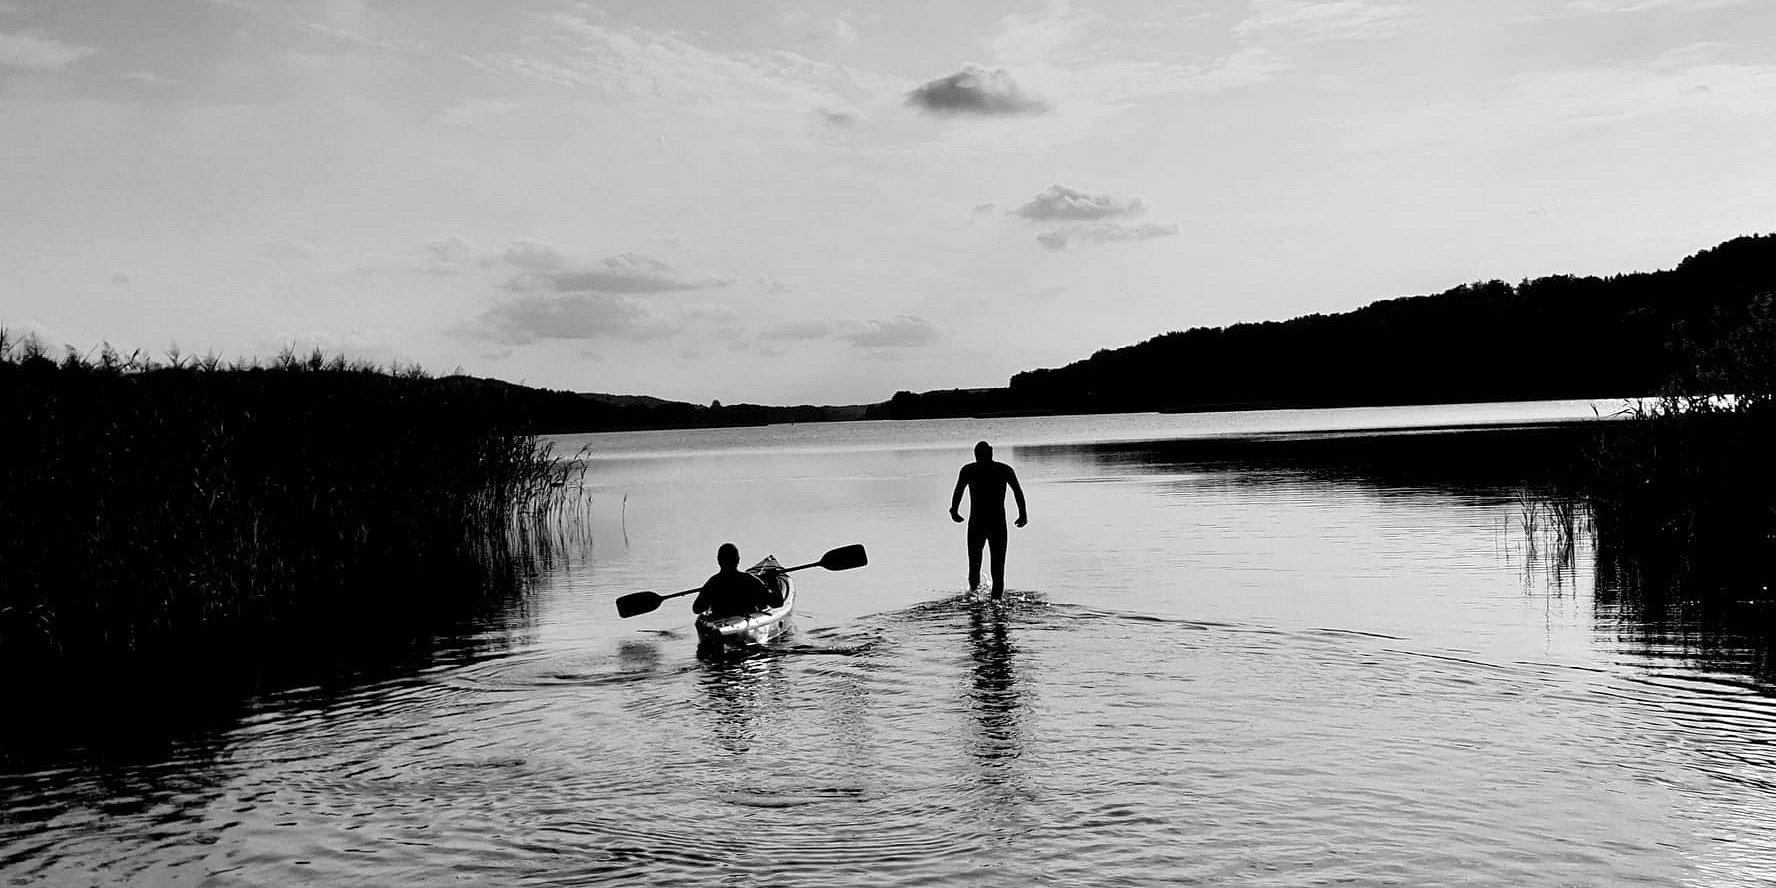 Blisko 40 km w wodzie, wpław, przez 8 jezior, przez 15 godzin - wywiad z Tadeuszem Czepukojciem